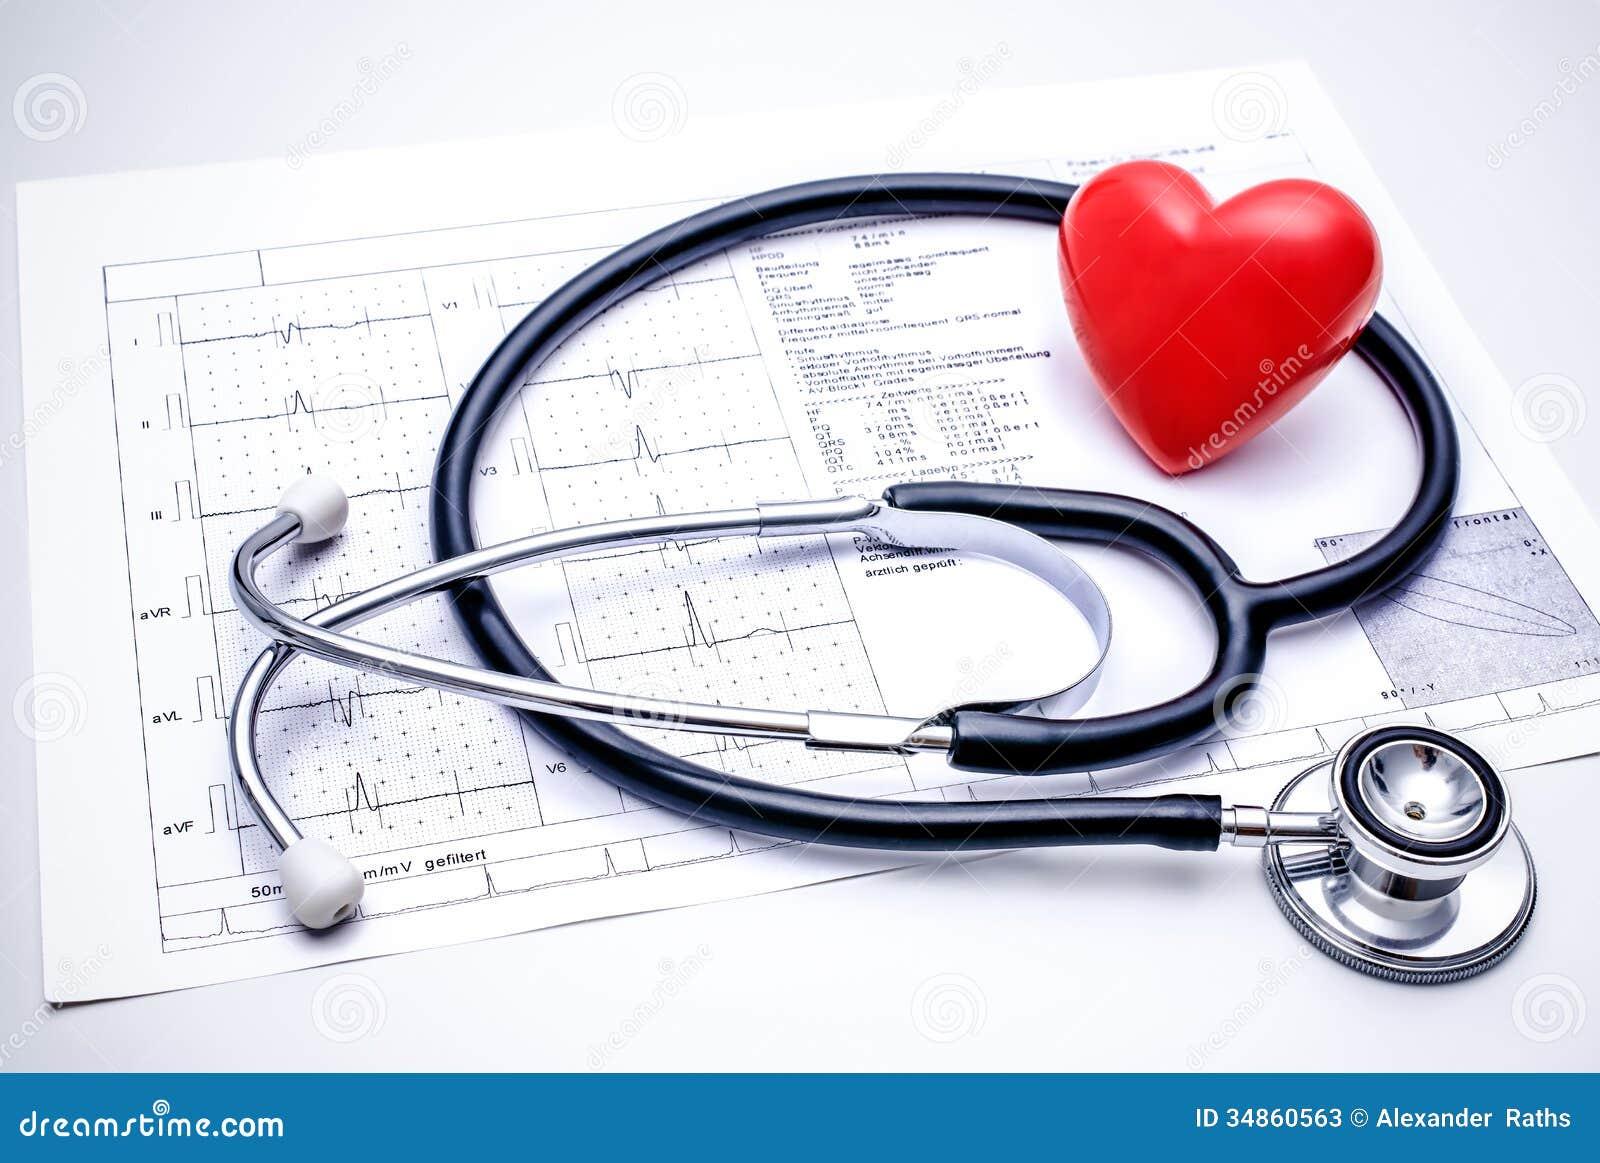 Stethoscope Lying On ECG    Diagram    Stock Photos  Image